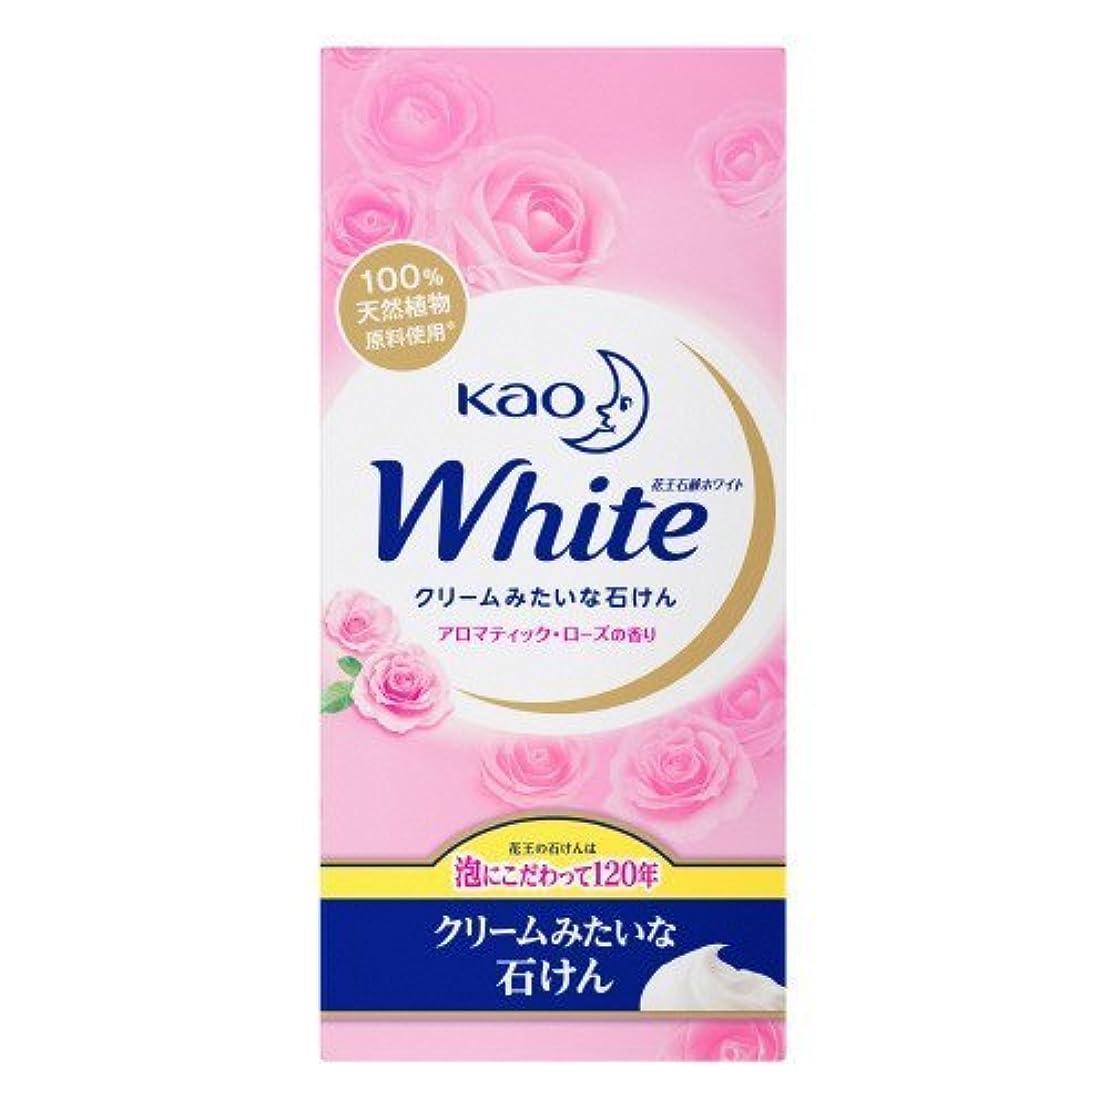 消毒剤生理歴史家【花王】花王ホワイト アロマティックローズの香りレギュラーサイズ (85g×6個) ×10個セット